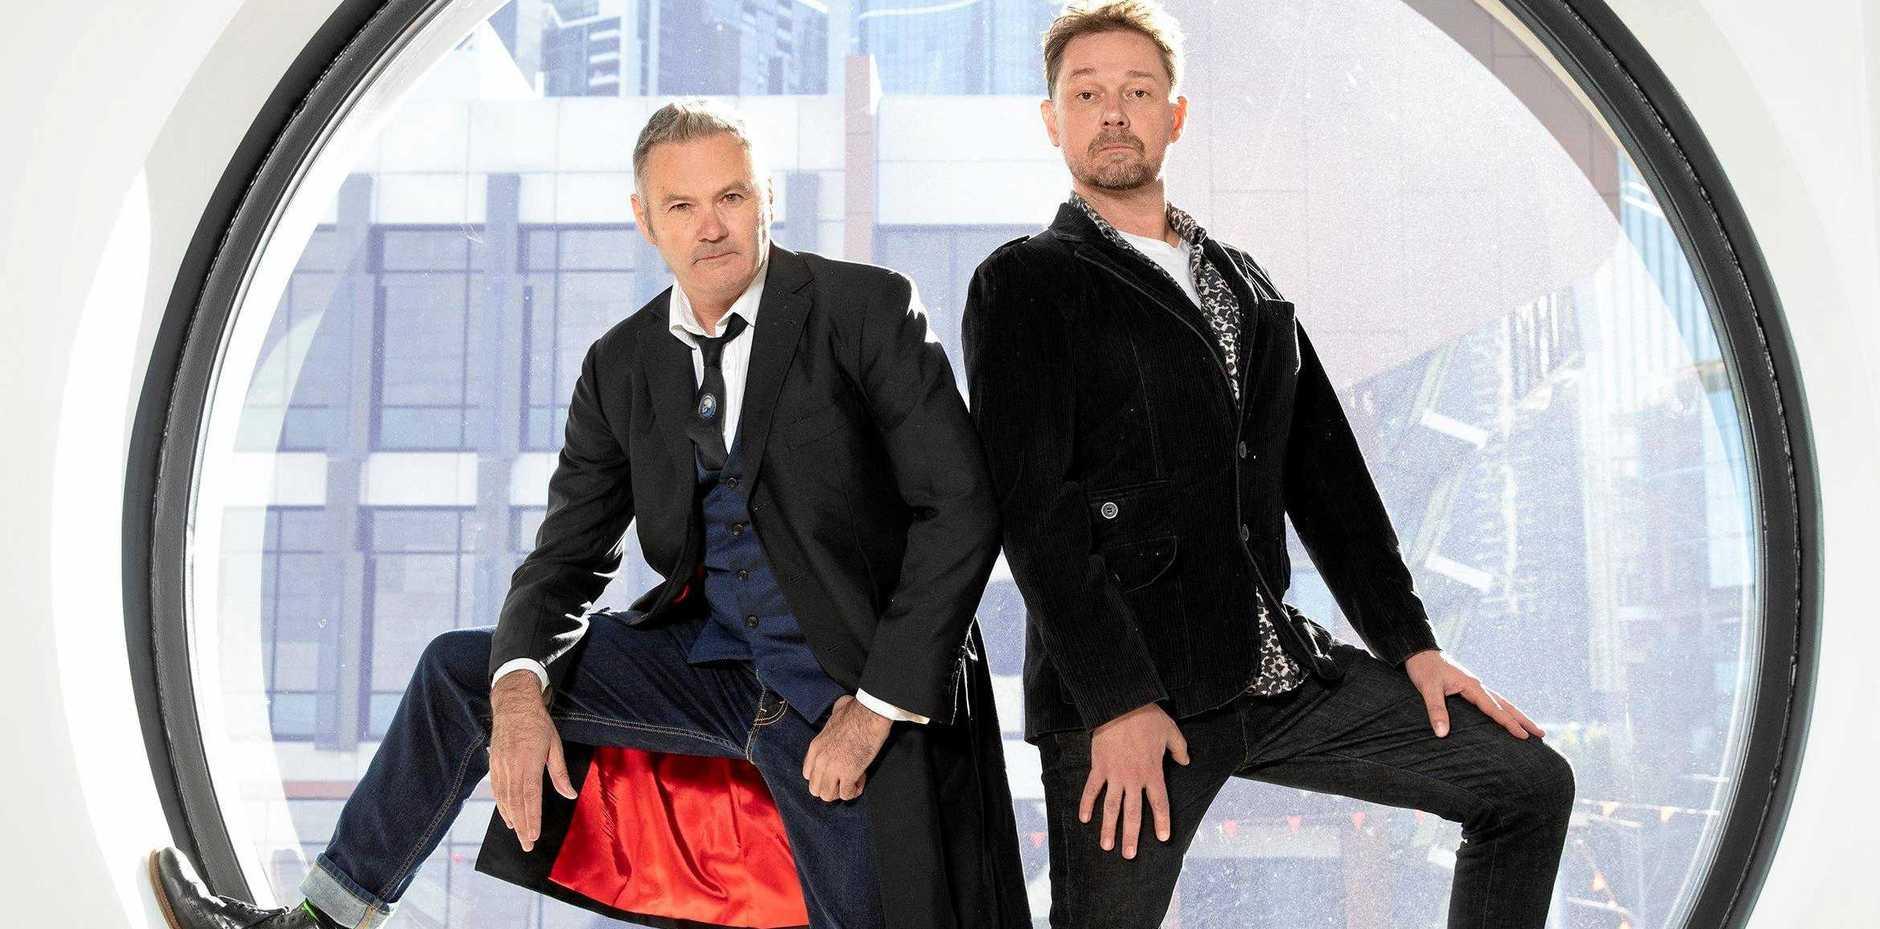 Singer songwriters Paul McDermott and Stephen Gates.